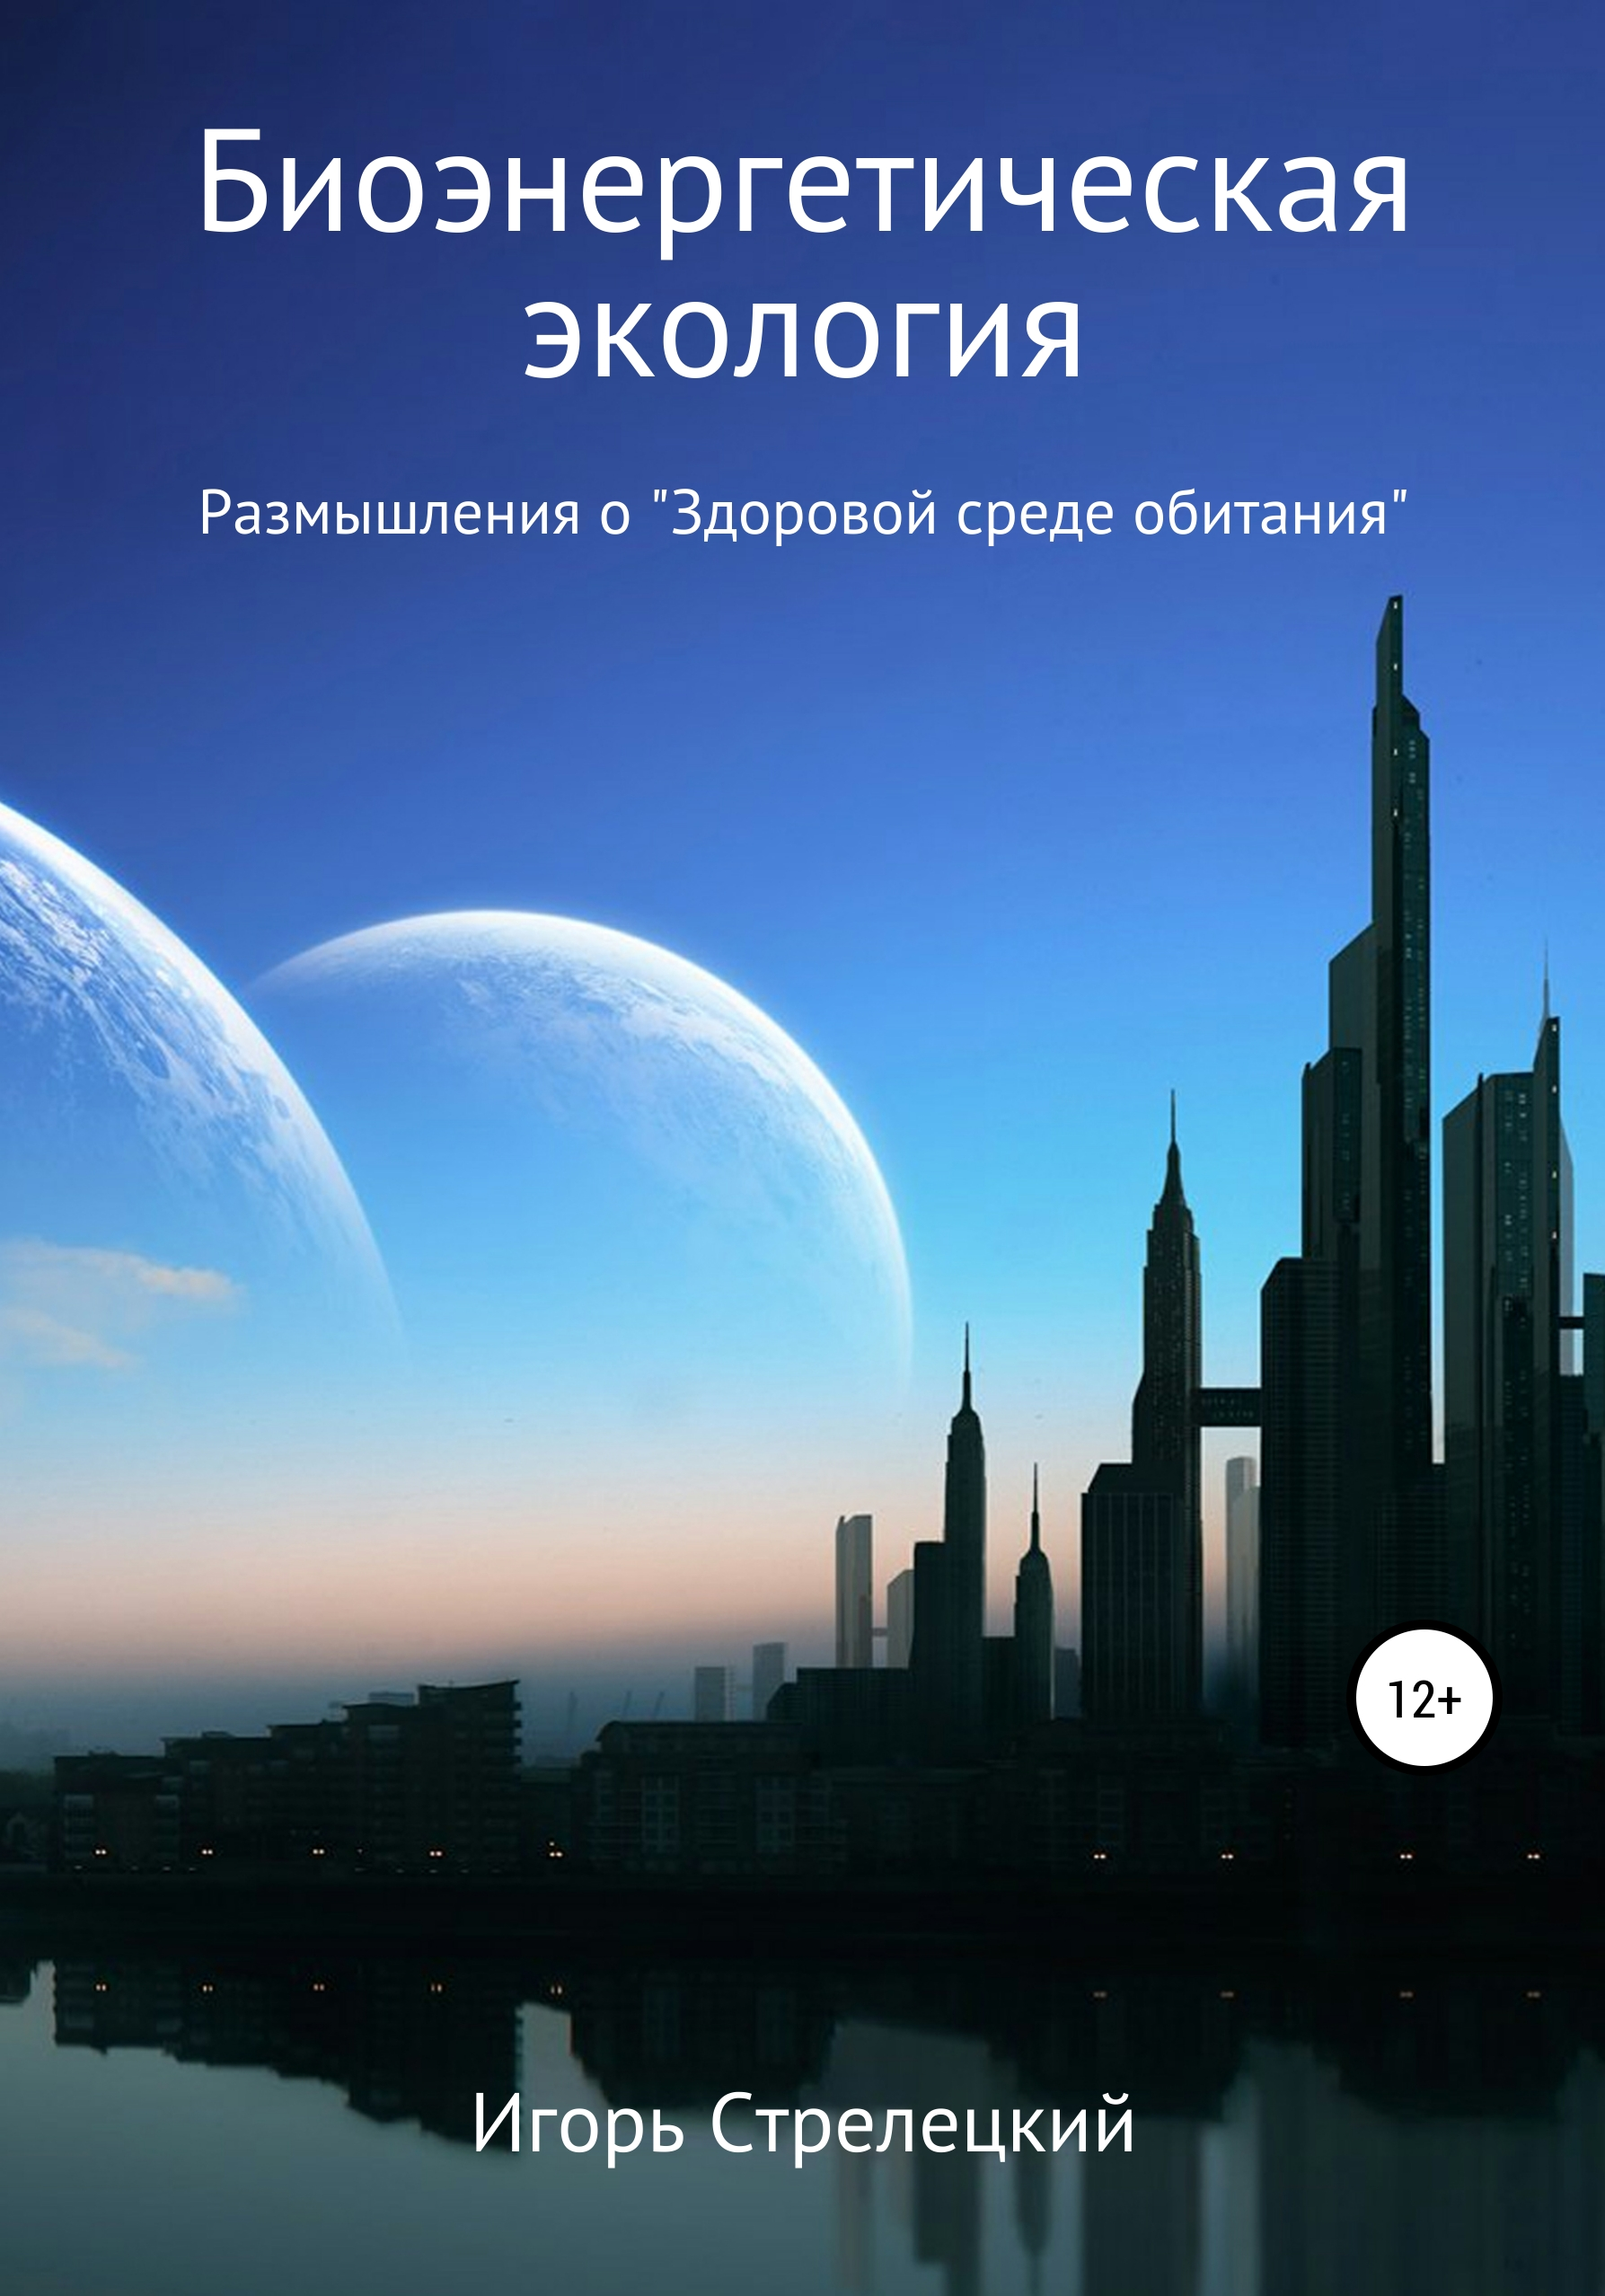 Купить книгу Биоэнергетическая экология. Размышления о «Здоровой среде обитания», автора Игоря Ставицкого